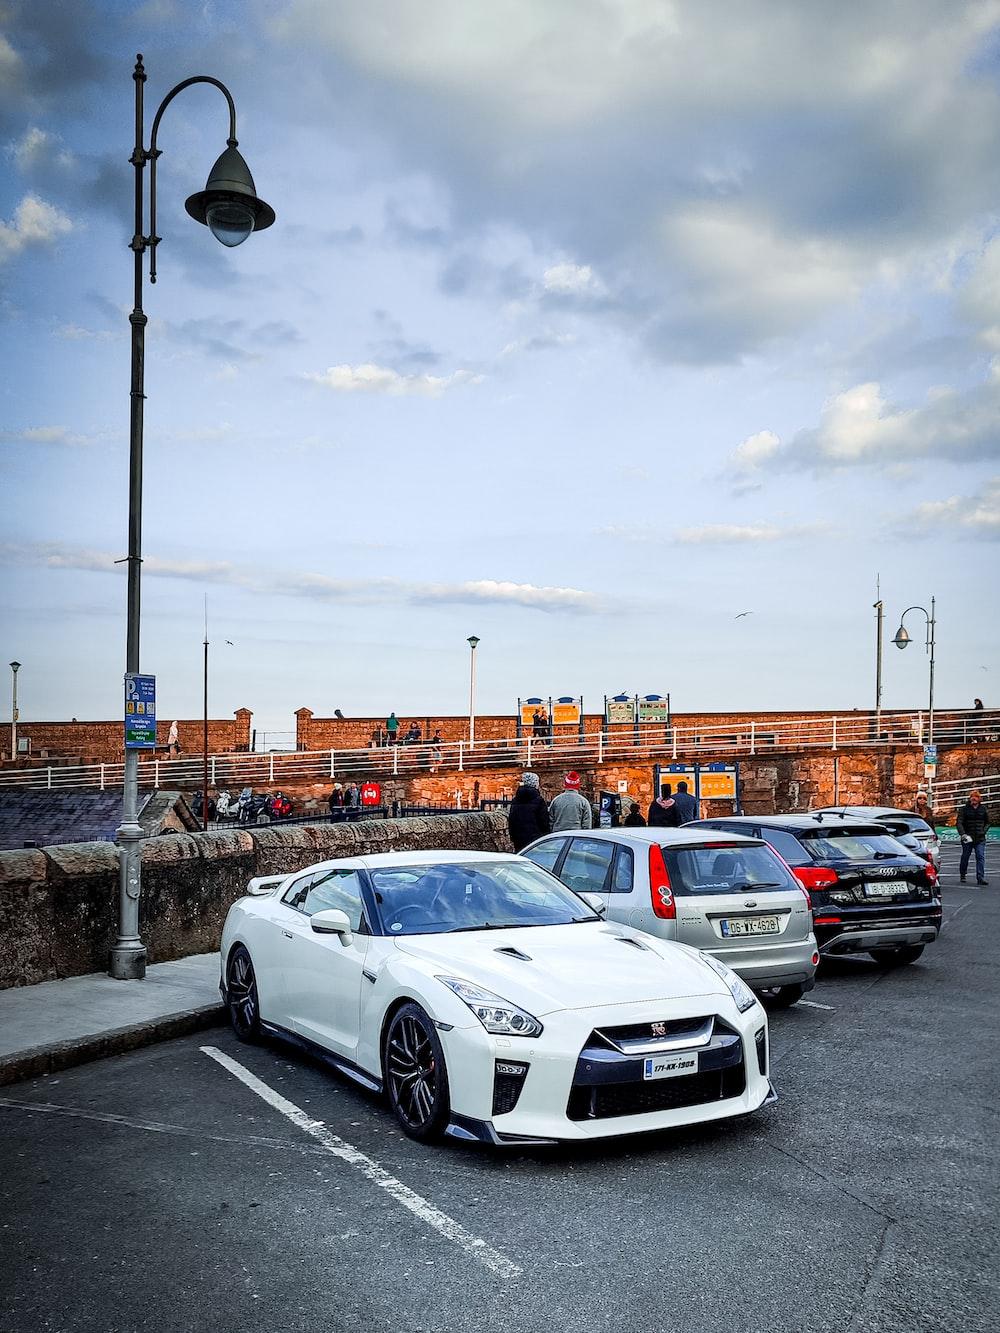 white sedan parked on parking lot during daytime